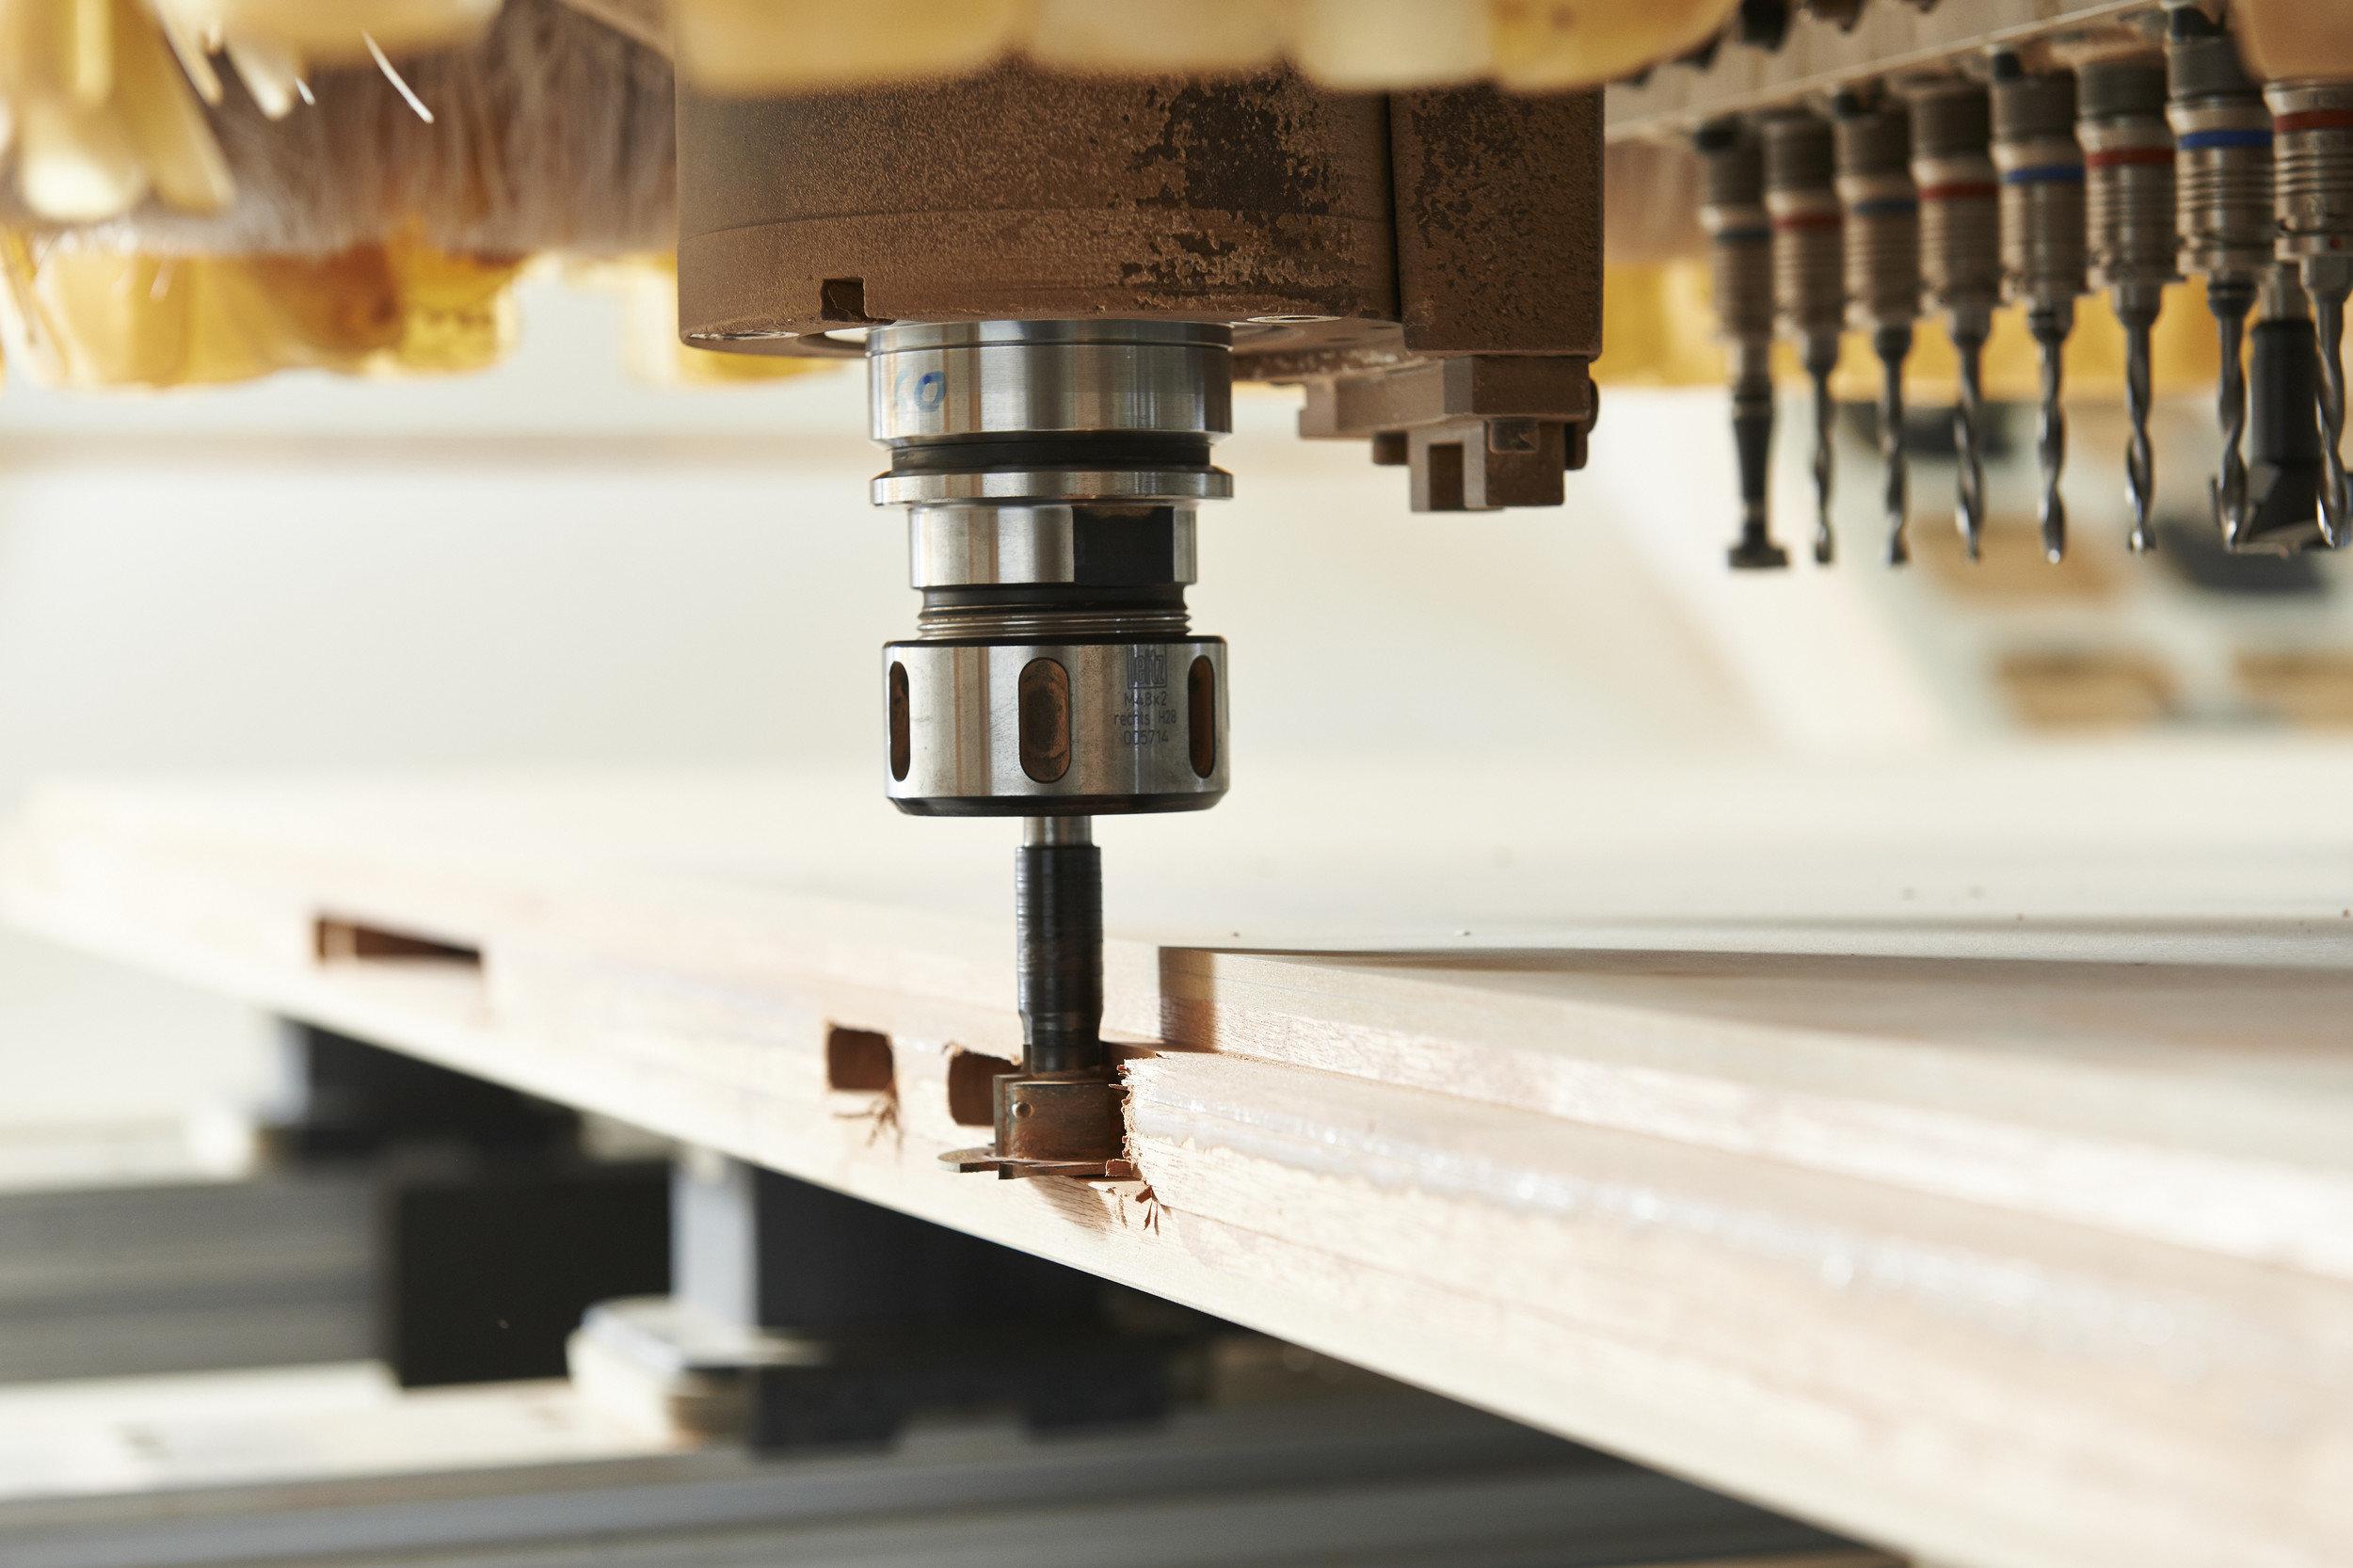 Brandschutztüren in Produktion in Bearbeitung einer Maschine